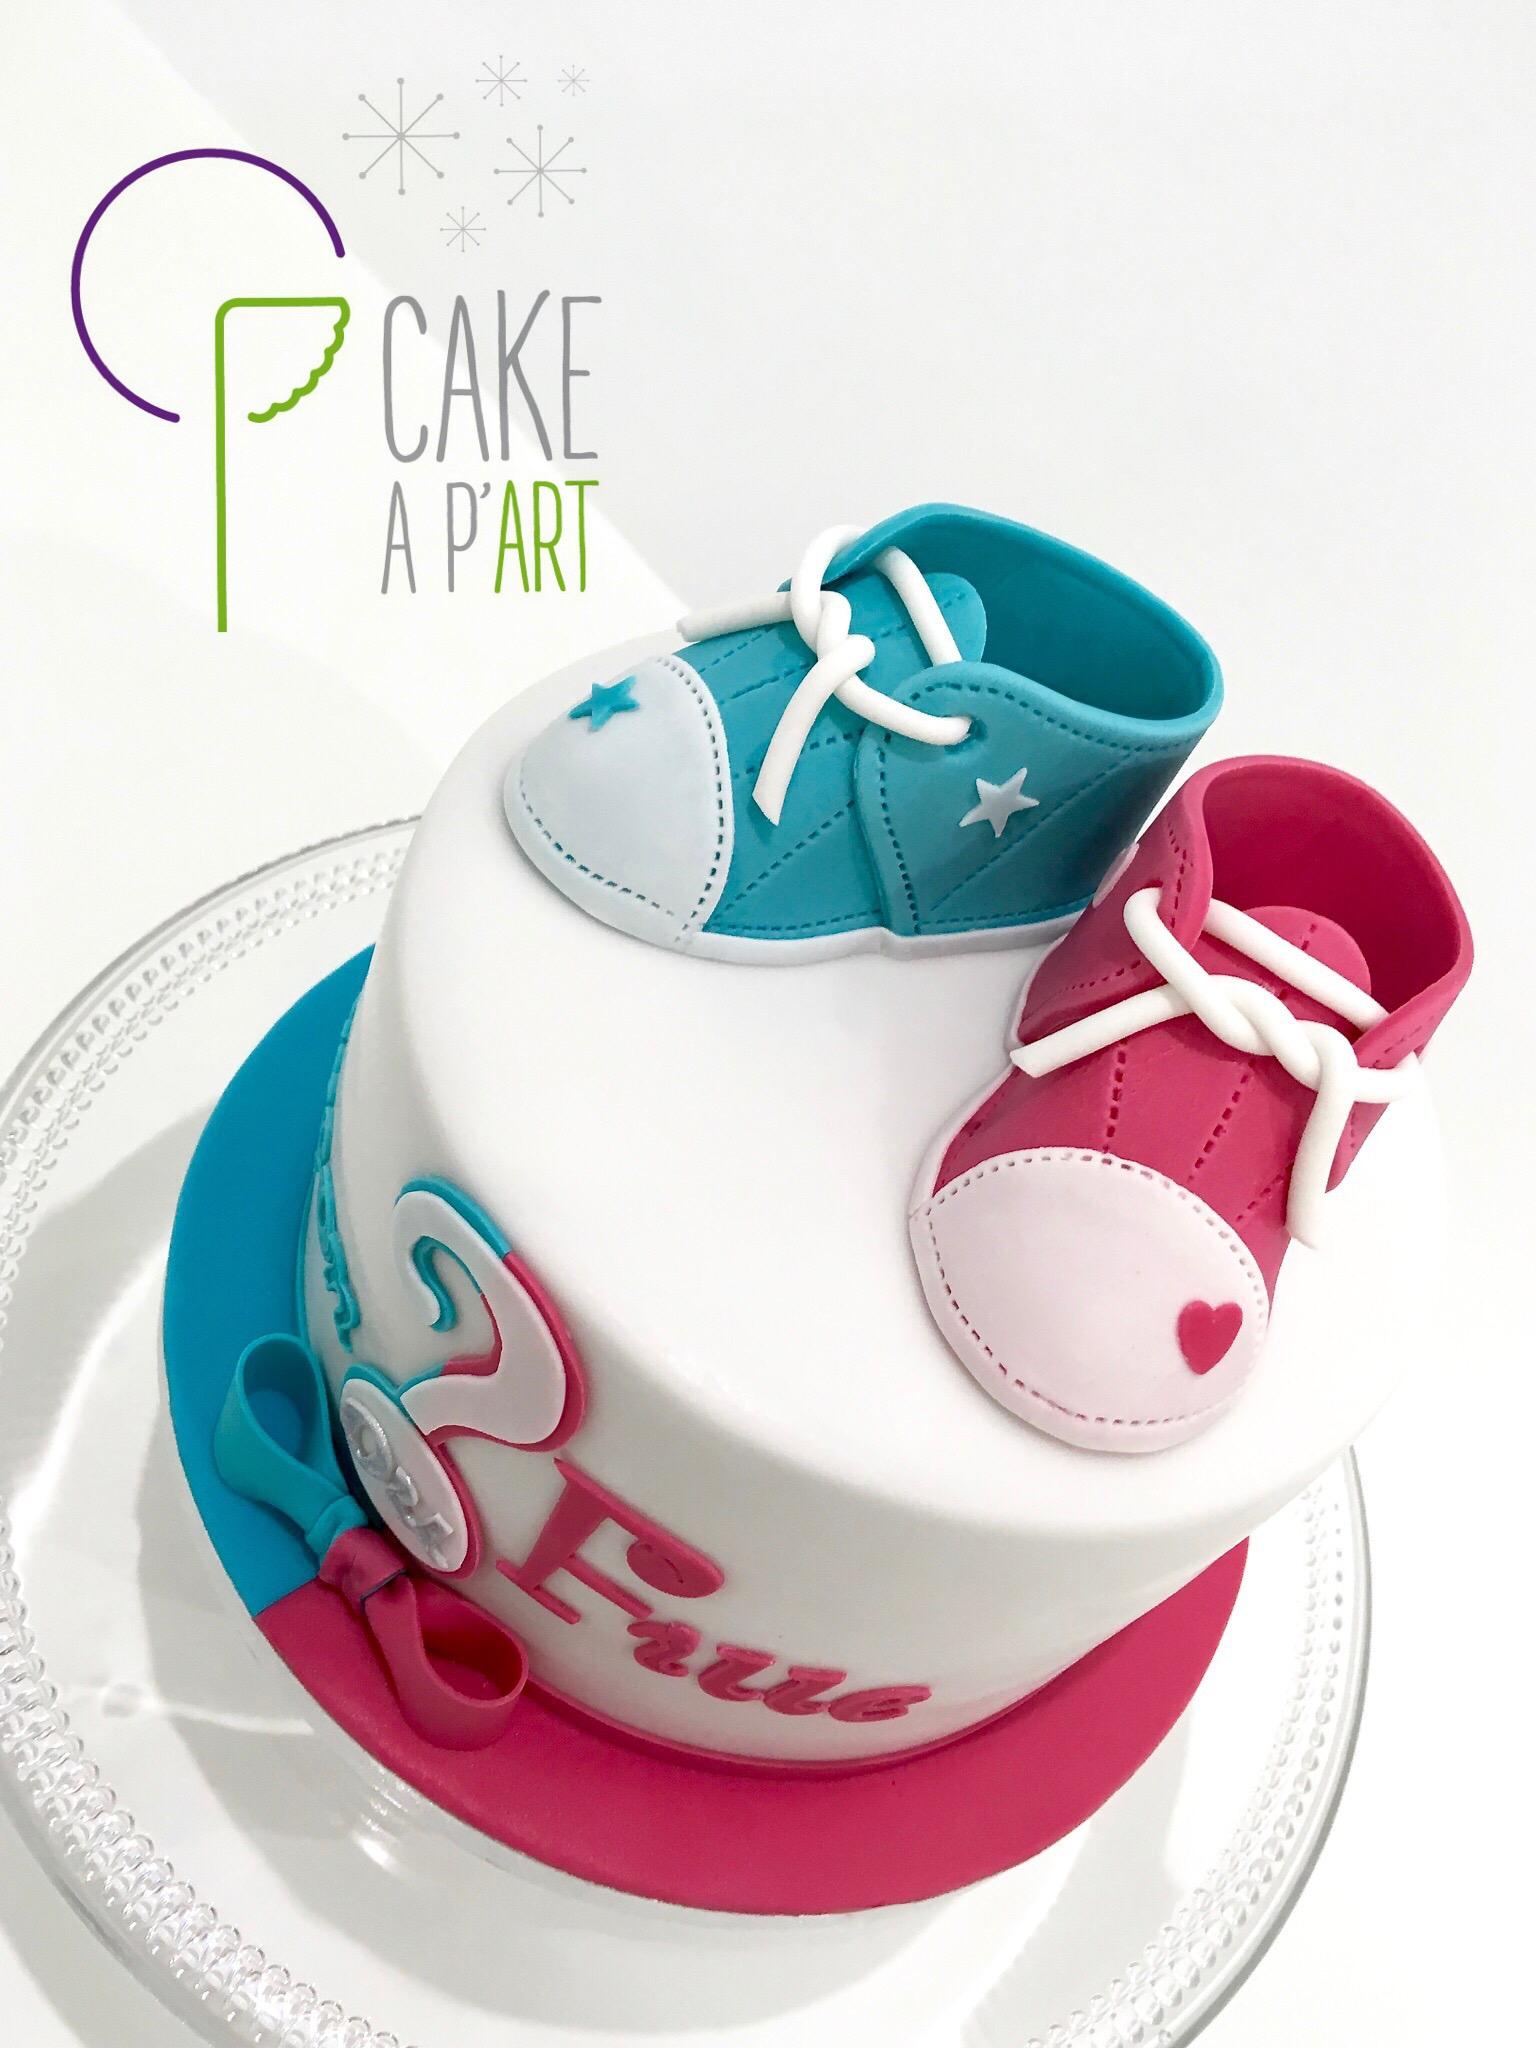 Décor modelage en sucre gâteaux personnalisés - Gâteau révélateur Thème Naissance chaussons de bébé